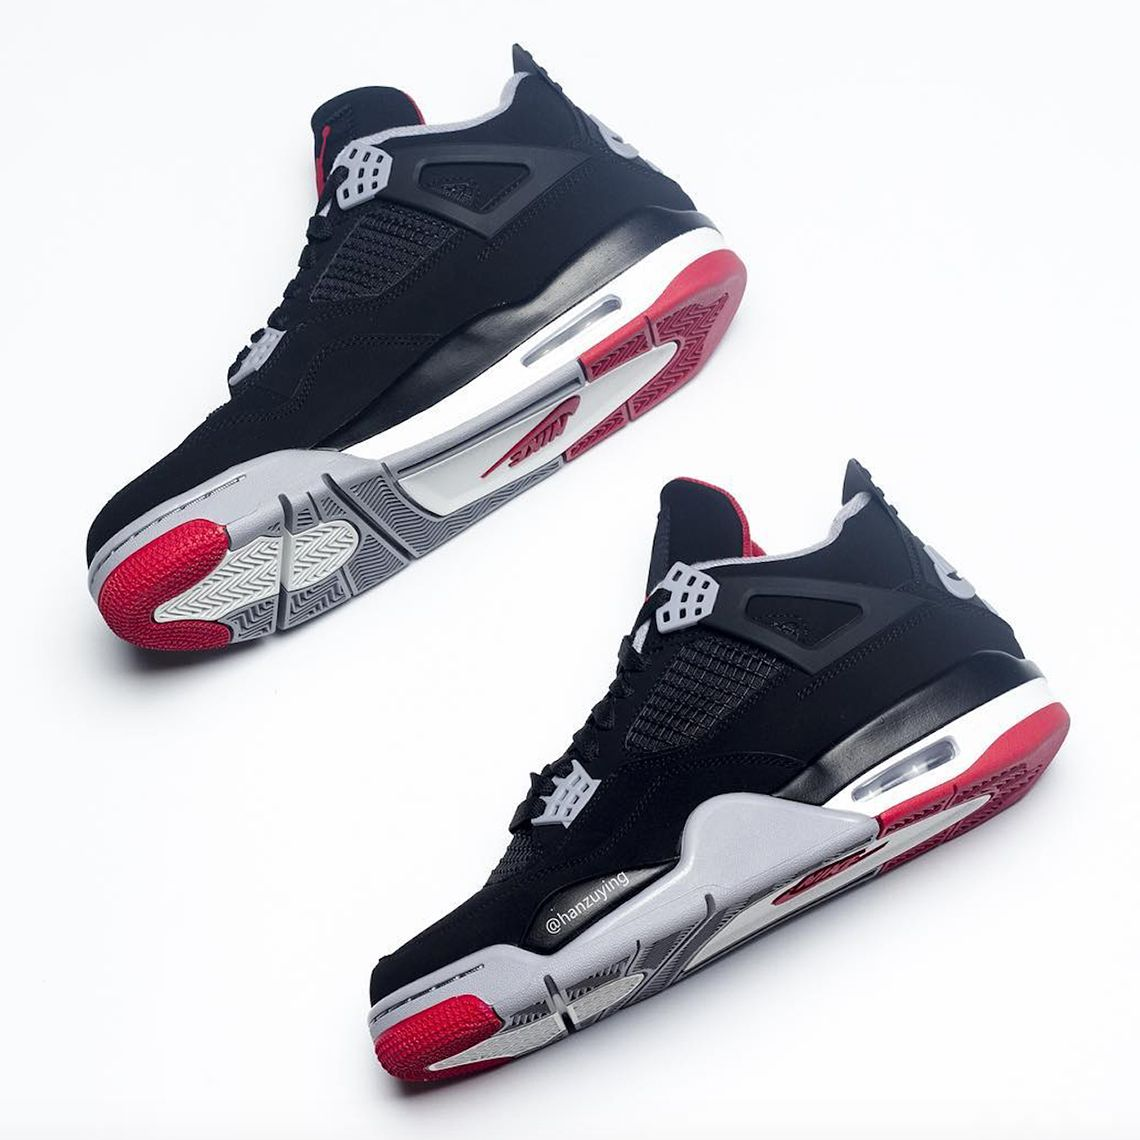 sneakers for cheap ed387 b73fa Jordan 4 Bred 2019 308497-060 Release Date   SneakerNews.com